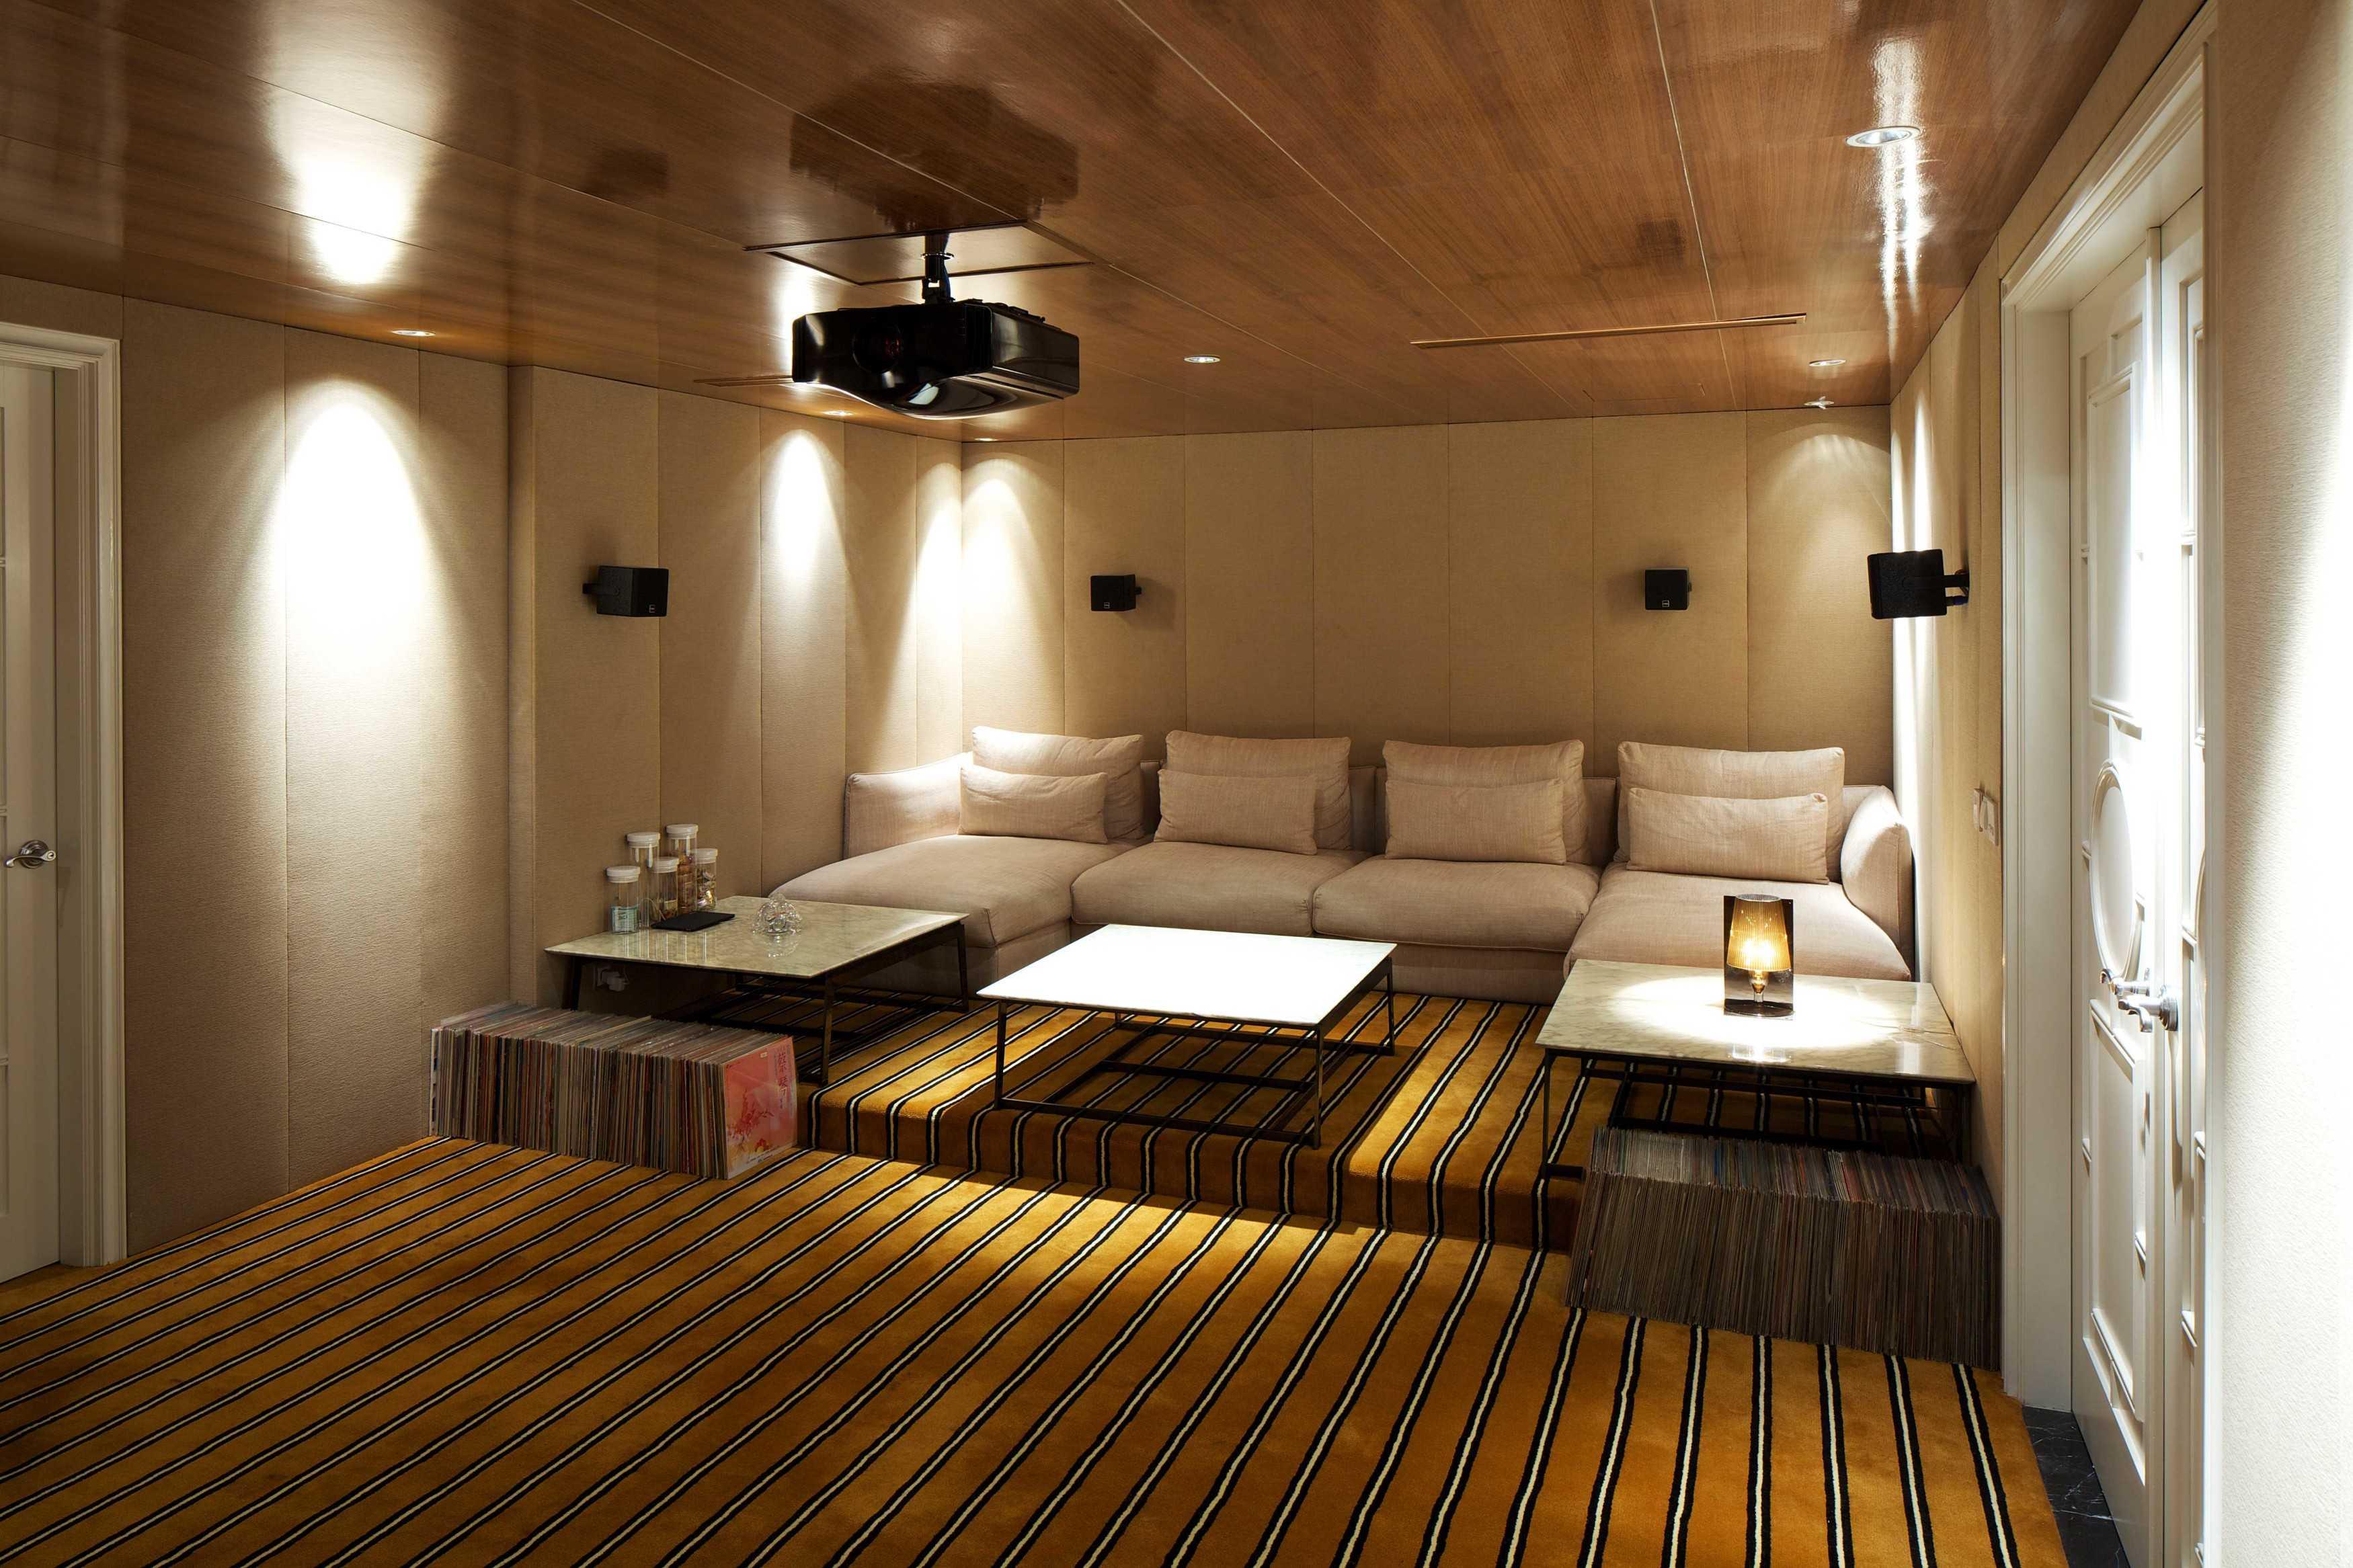 Vin•da•te Mayang Permai Residence Pantai Indah Kapuk - North Jakarta Pantai Indah Kapuk - North Jakarta Livingroom Kontemporer  17150